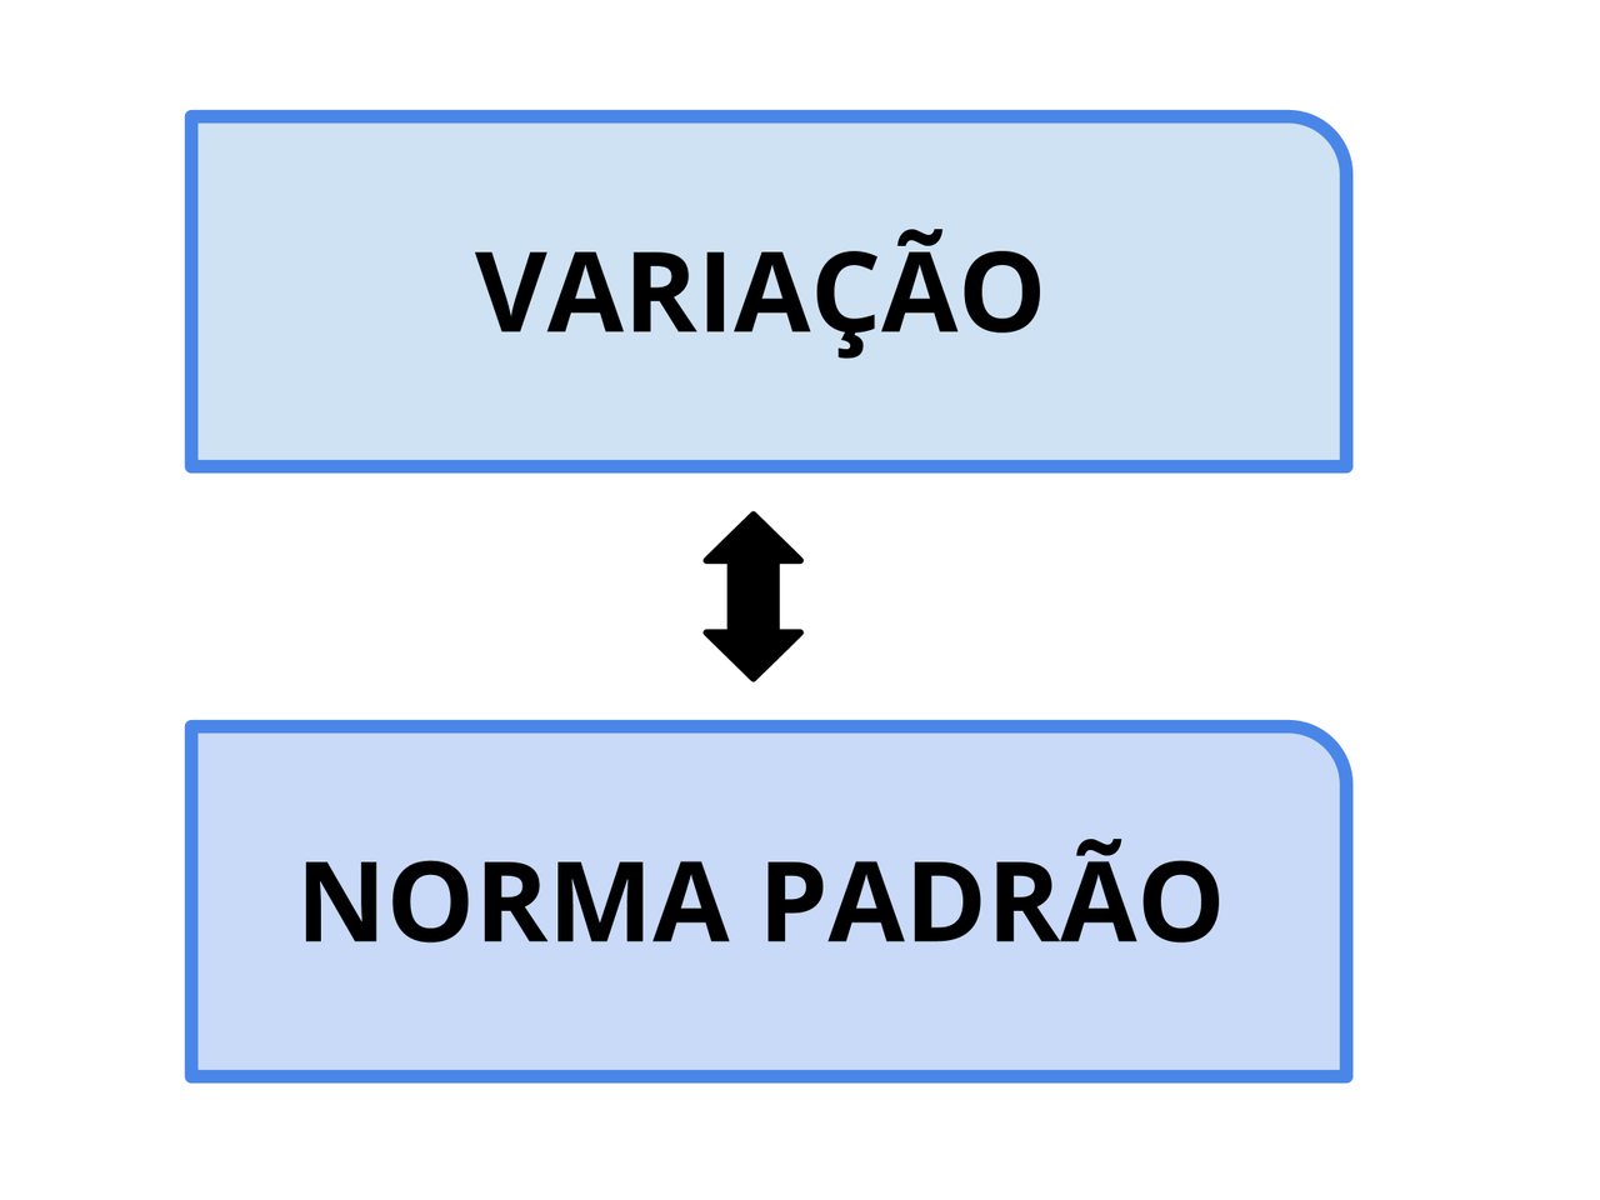 """Revisando os pronomes relativos """"onde"""" e """"aonde"""" e entendendo suas variações linguísticas"""